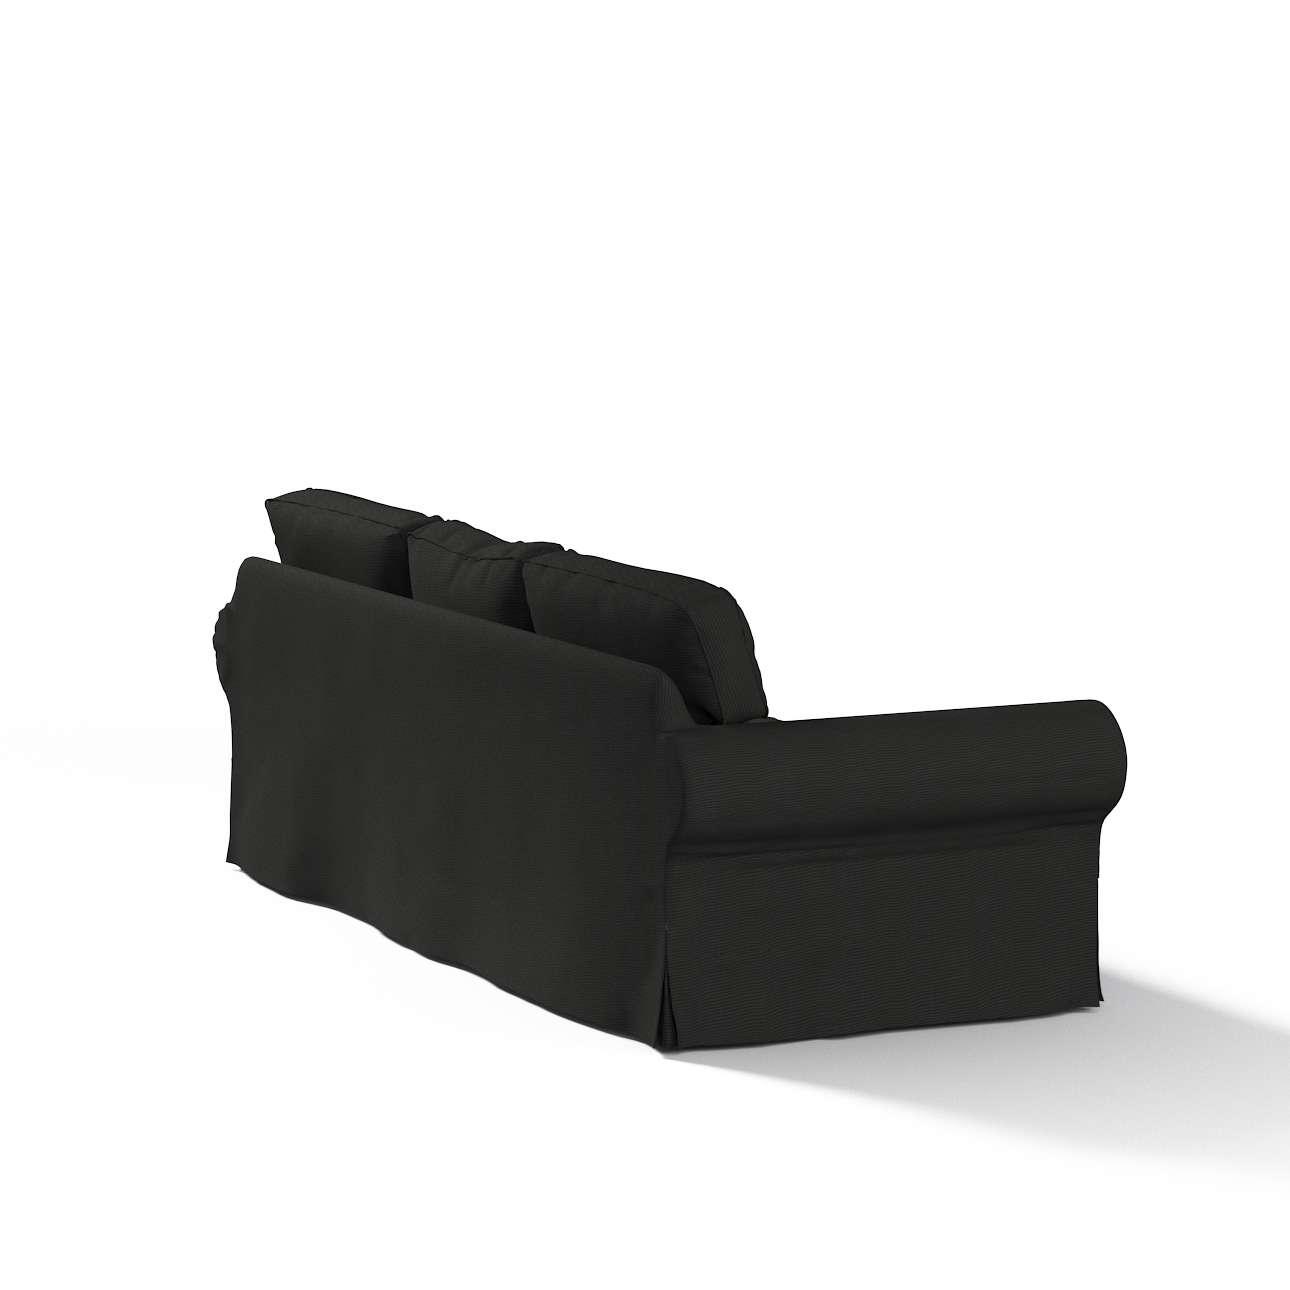 Ektorp 3-Sitzer Sofabezug nicht ausklappbar Sofabezug für  Ektorp 3-Sitzer nicht ausklappbar von der Kollektion Etna, Stoff: 705-00